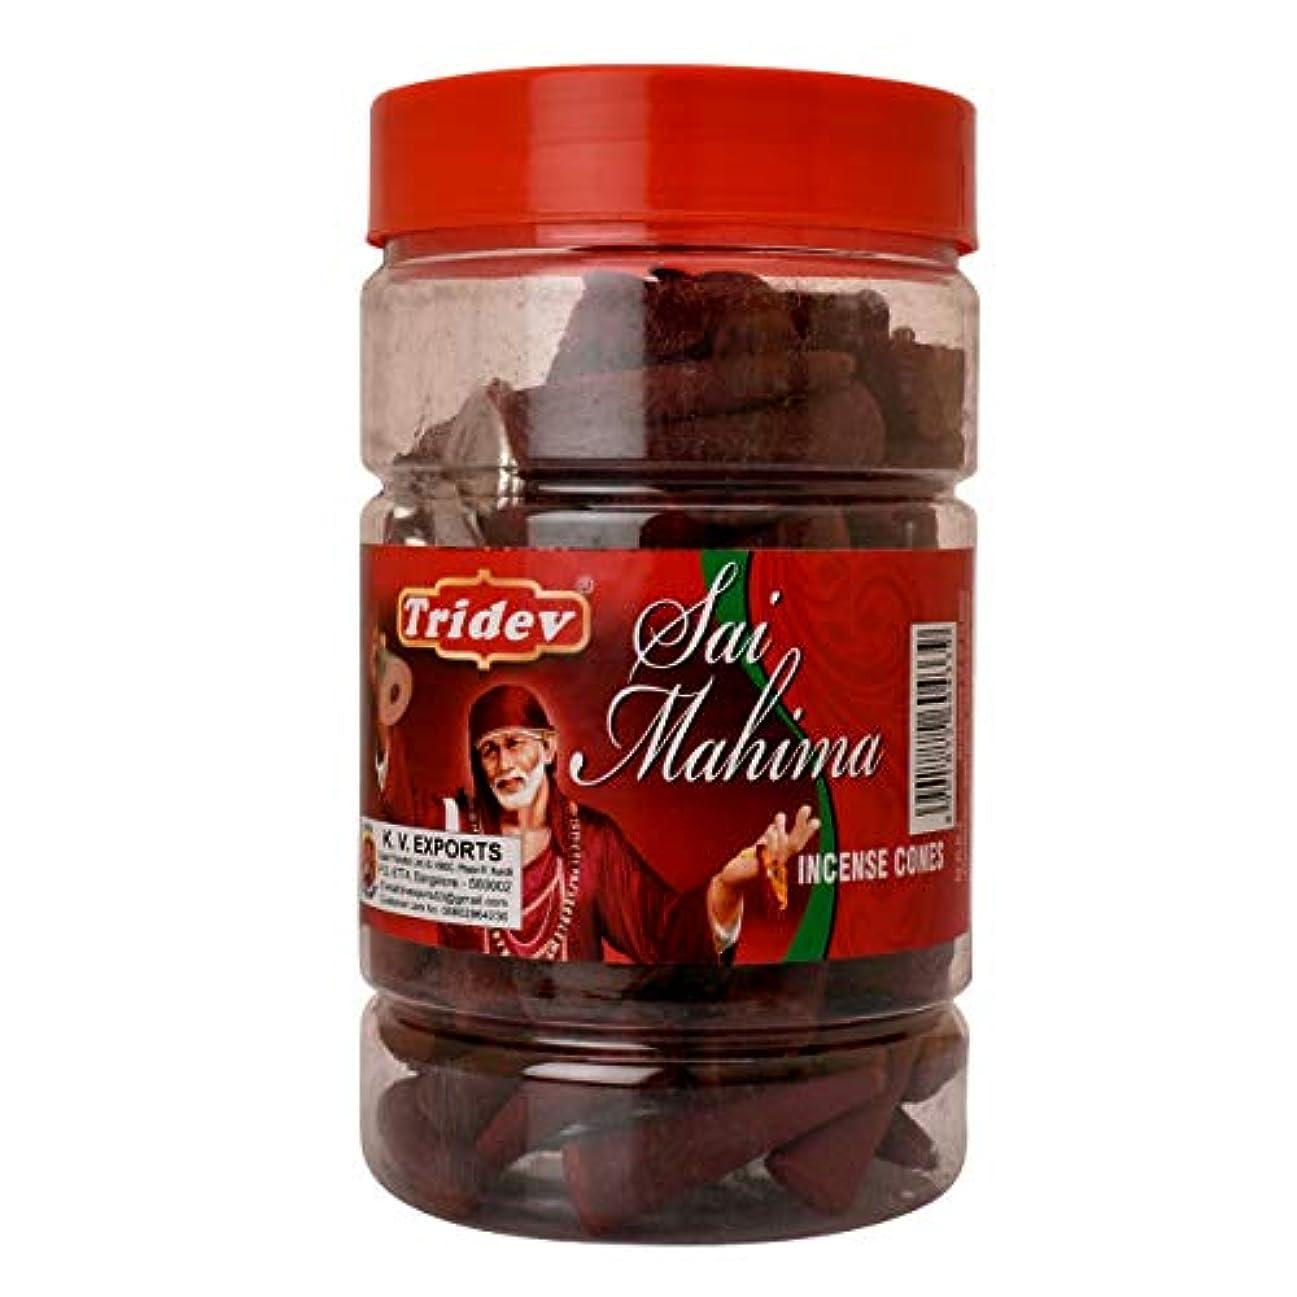 取り替える広告いまTridev Sai Mahima フレグランス コーン型お香瓶 1350グラム ボックス入り | 6瓶 225グラム 箱入り | 輸出品質